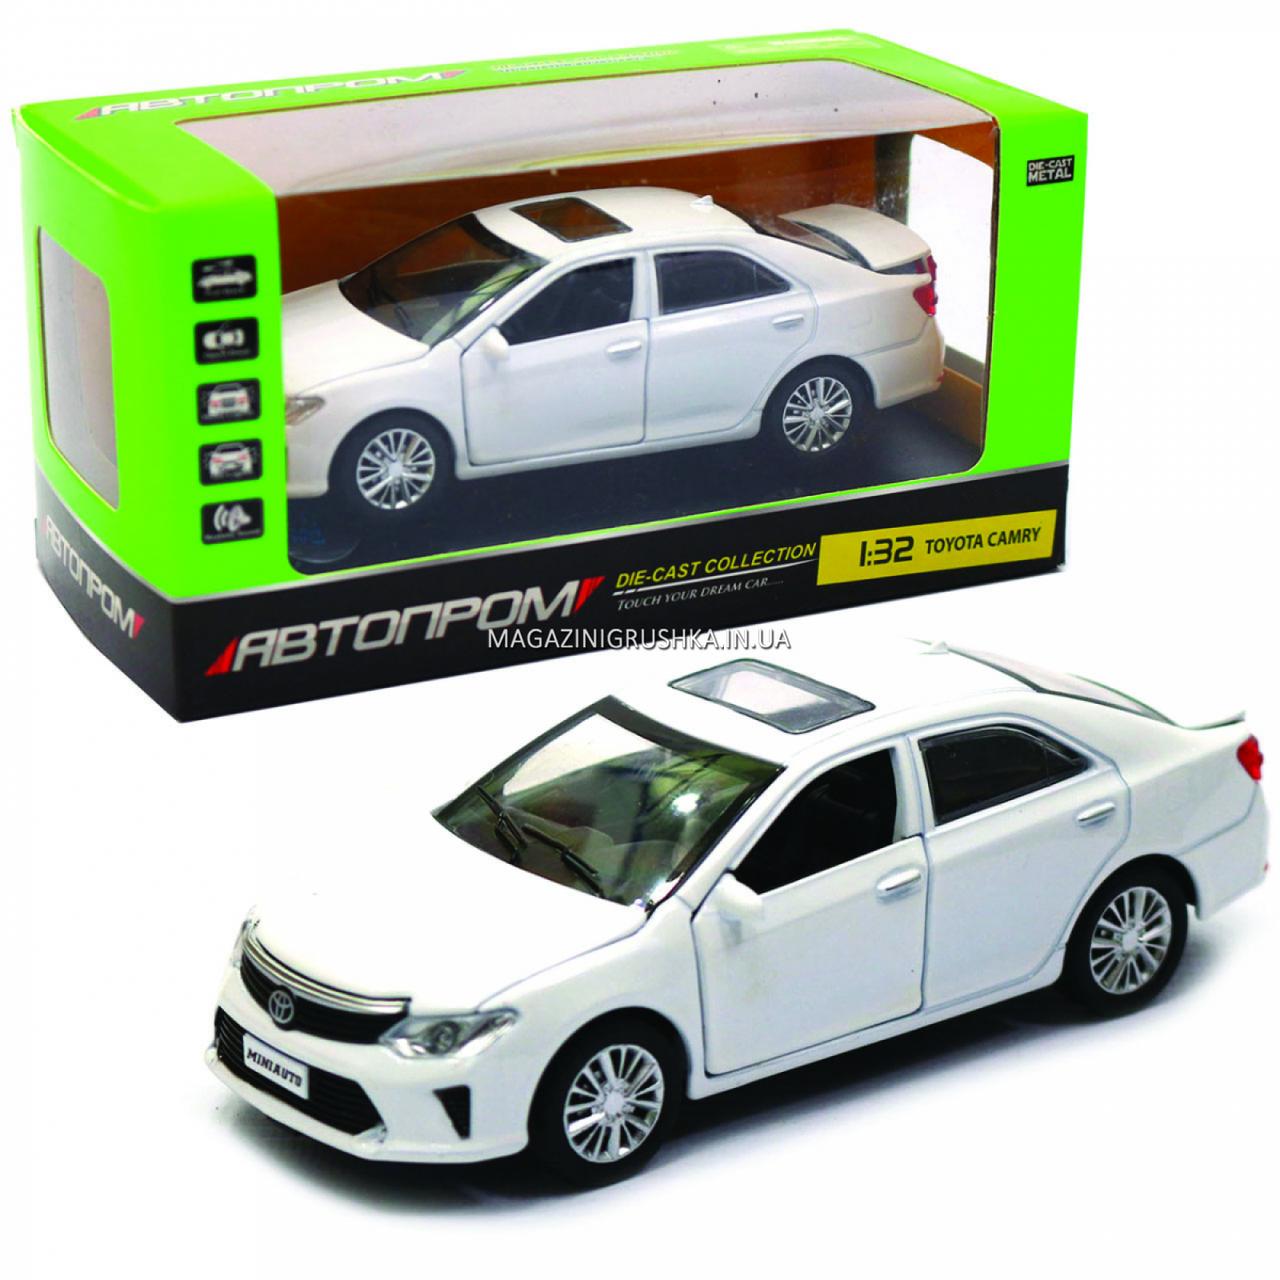 Машинка игровая автопром «Toyota Camry» Тойота, белая, металл, 14 см, (свет, звук, двери открываются) 7814